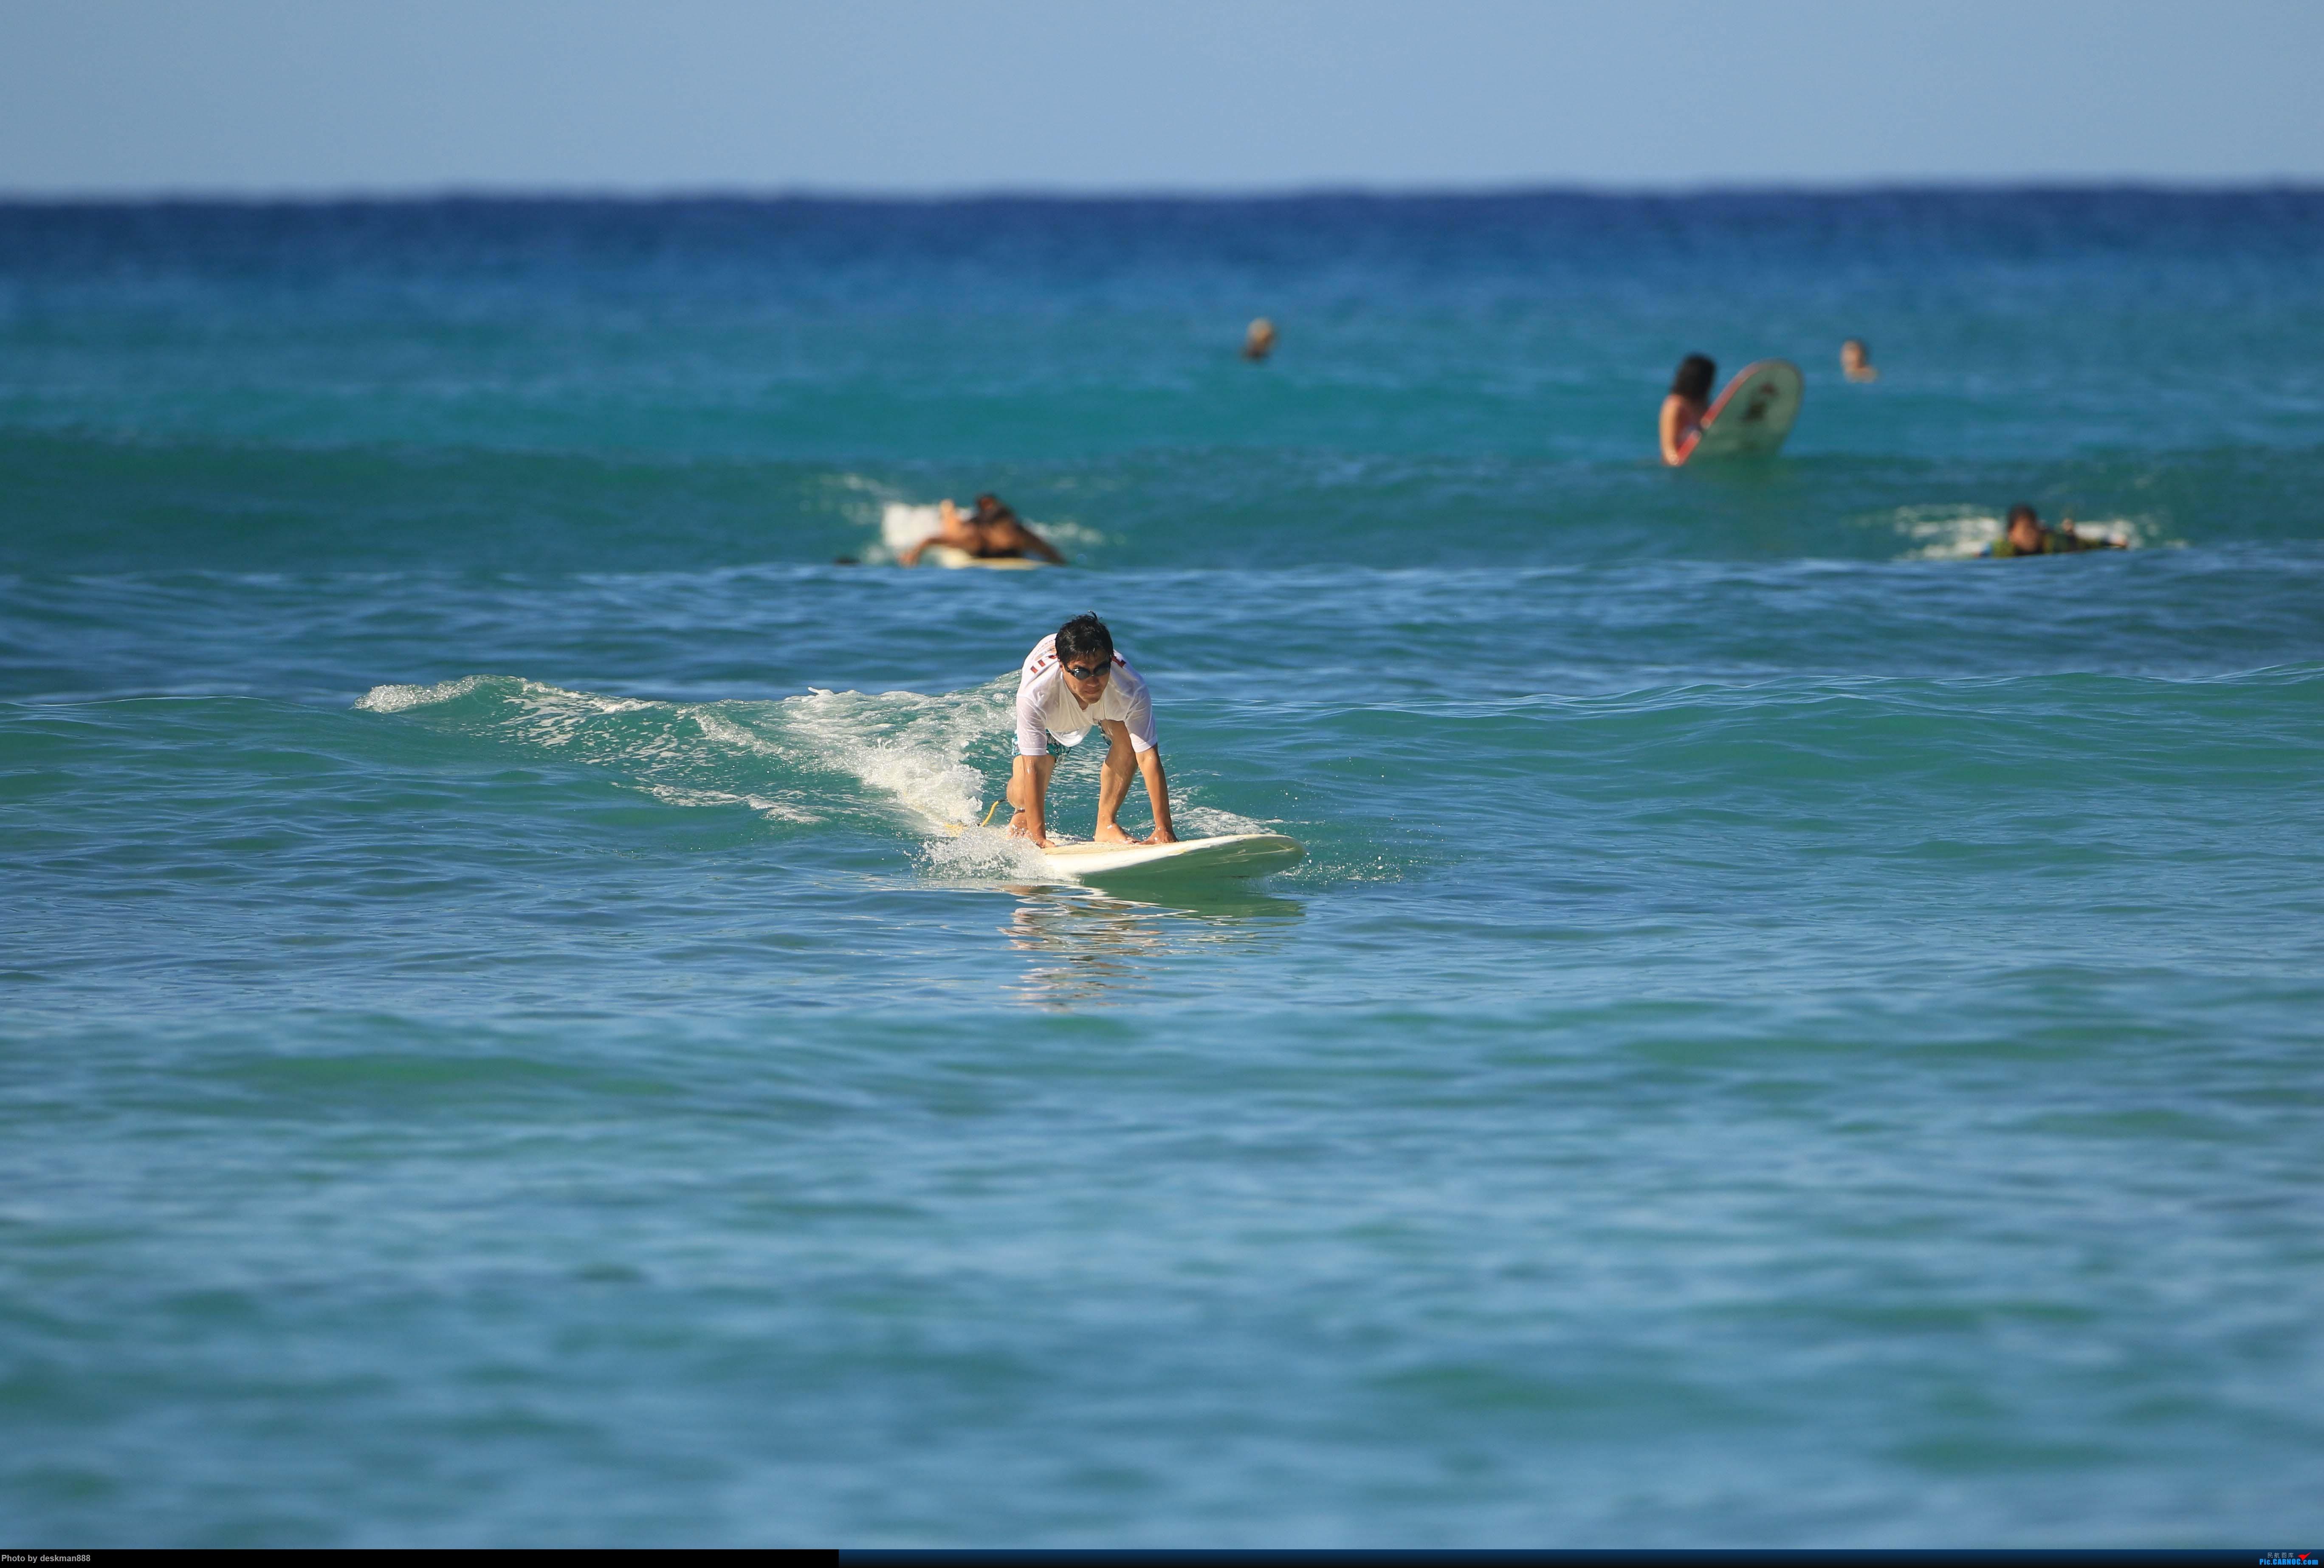 >>[原创]阳光,沙滩,碧海,椰子树——国庆夏威夷之行(下)首次体验